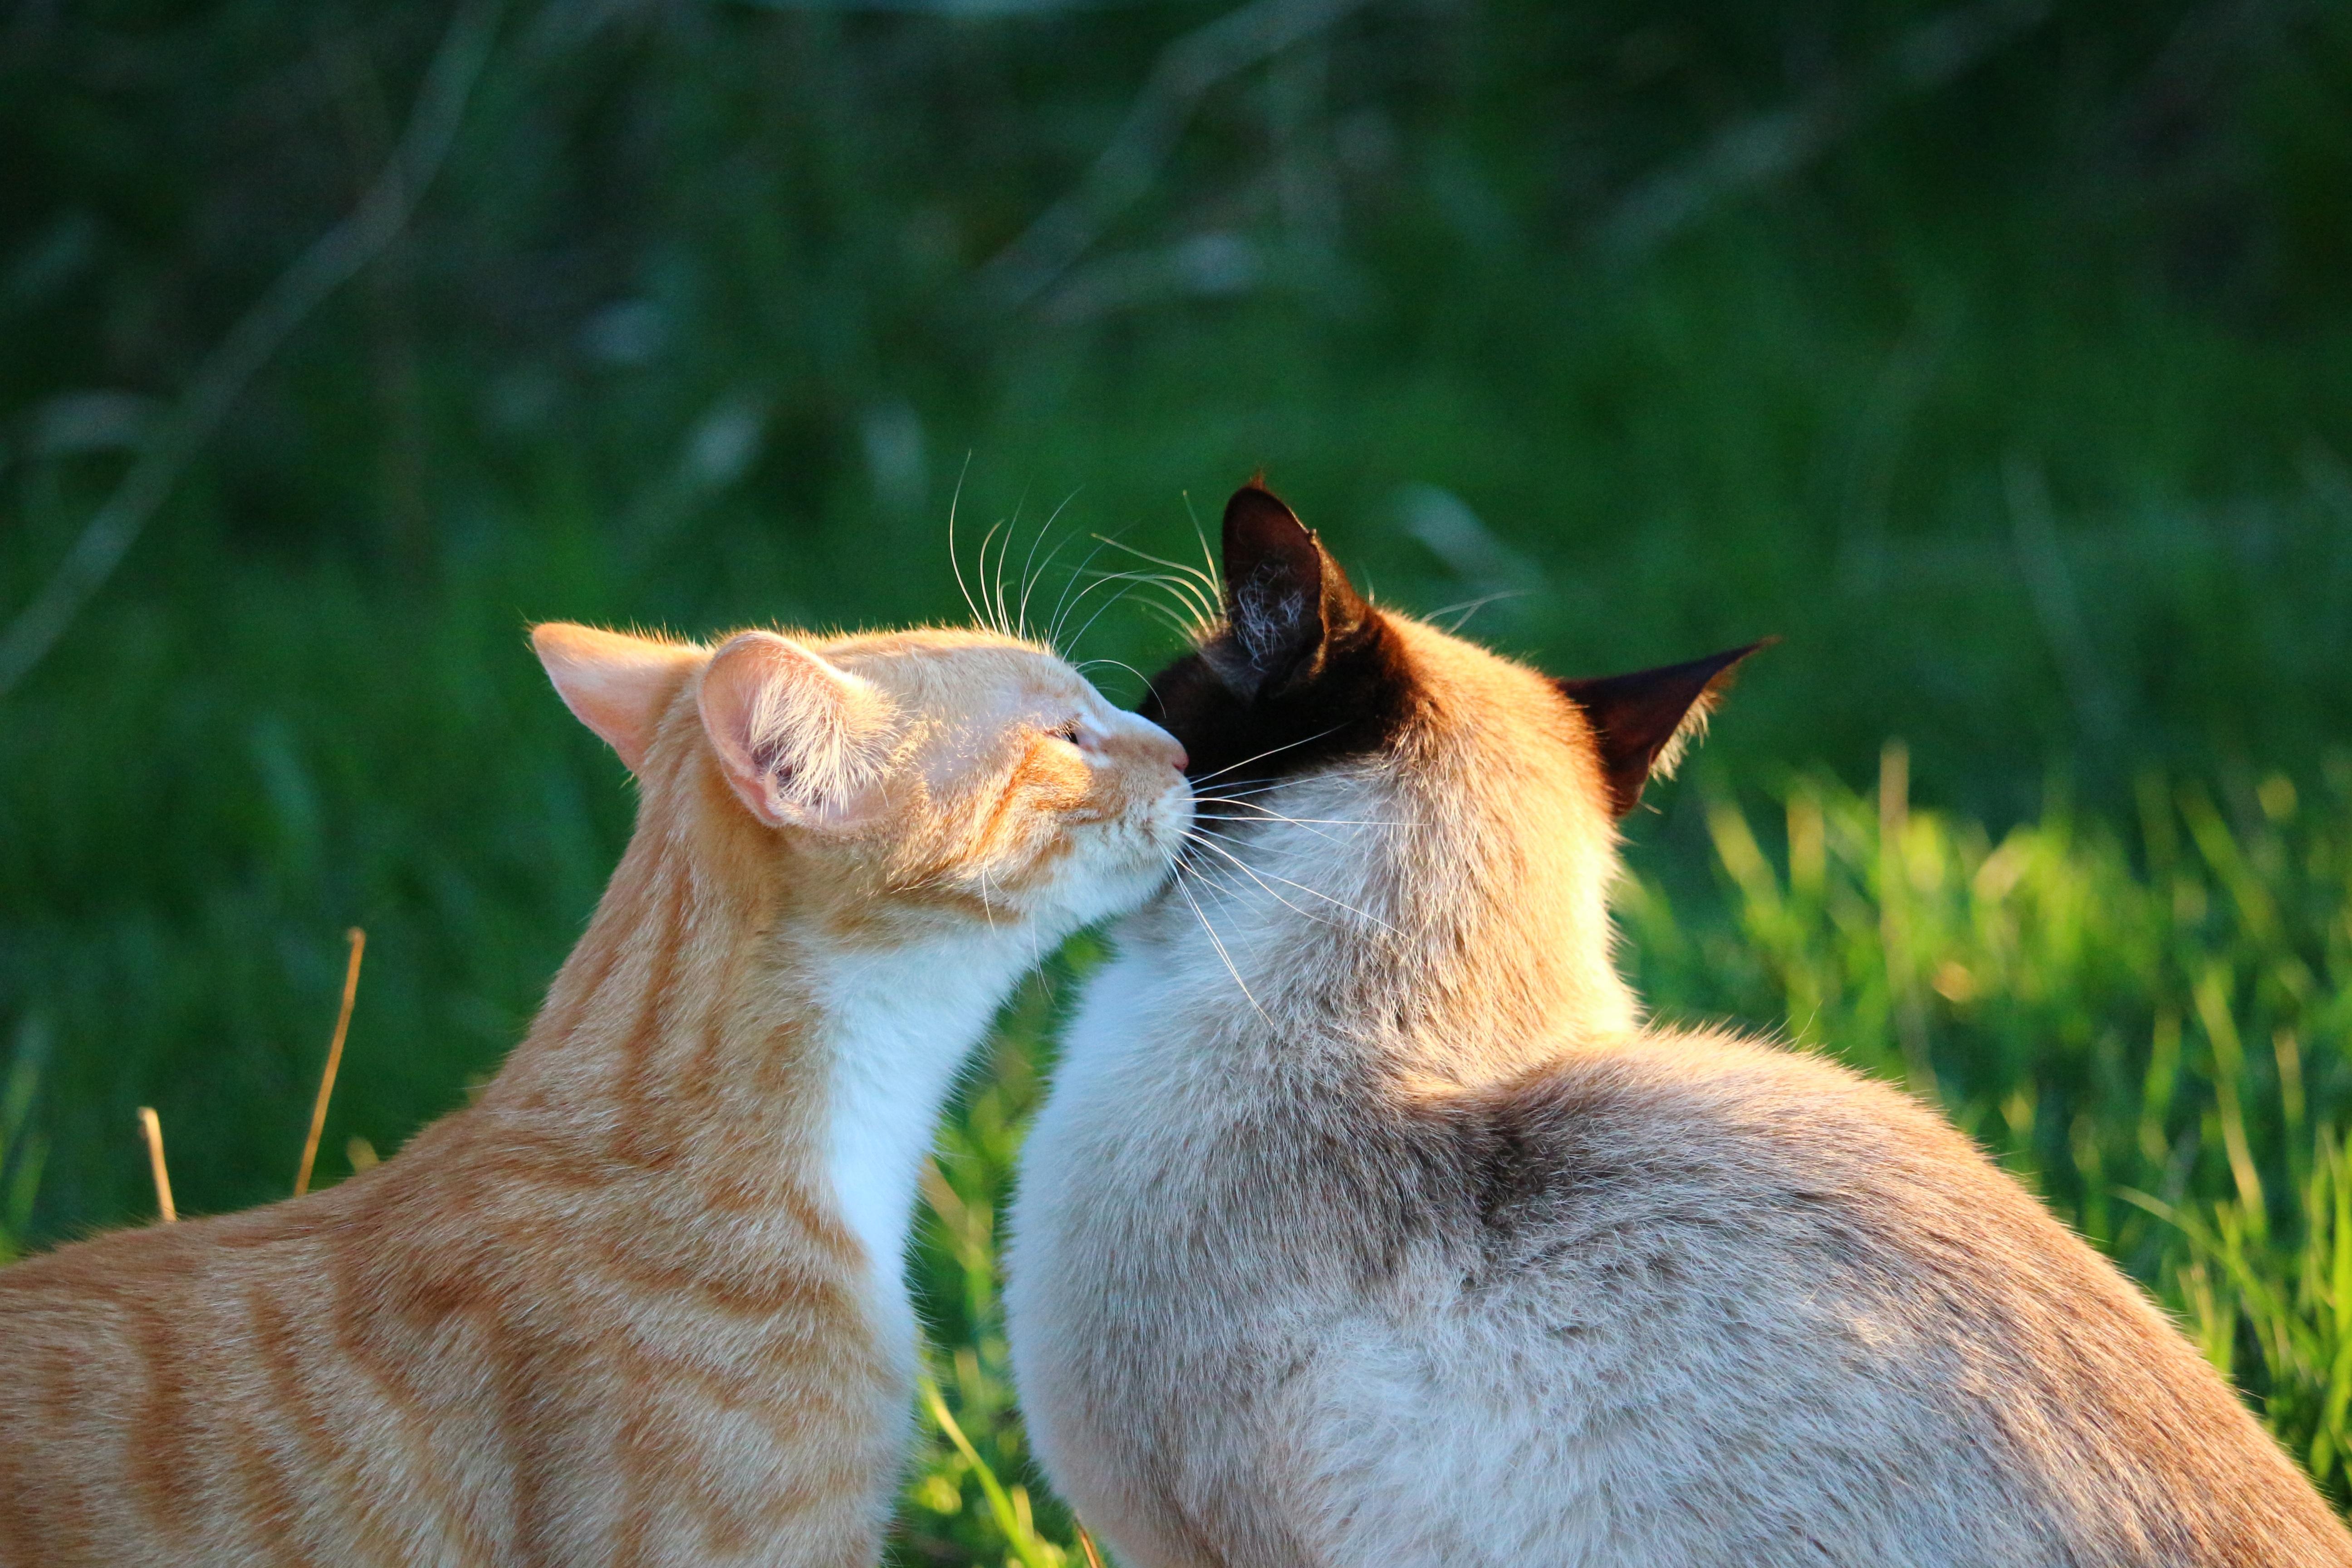 Darmowe Zdjęcia Trawa Dzikiej Przyrody Kotek Pocałunek Fauna